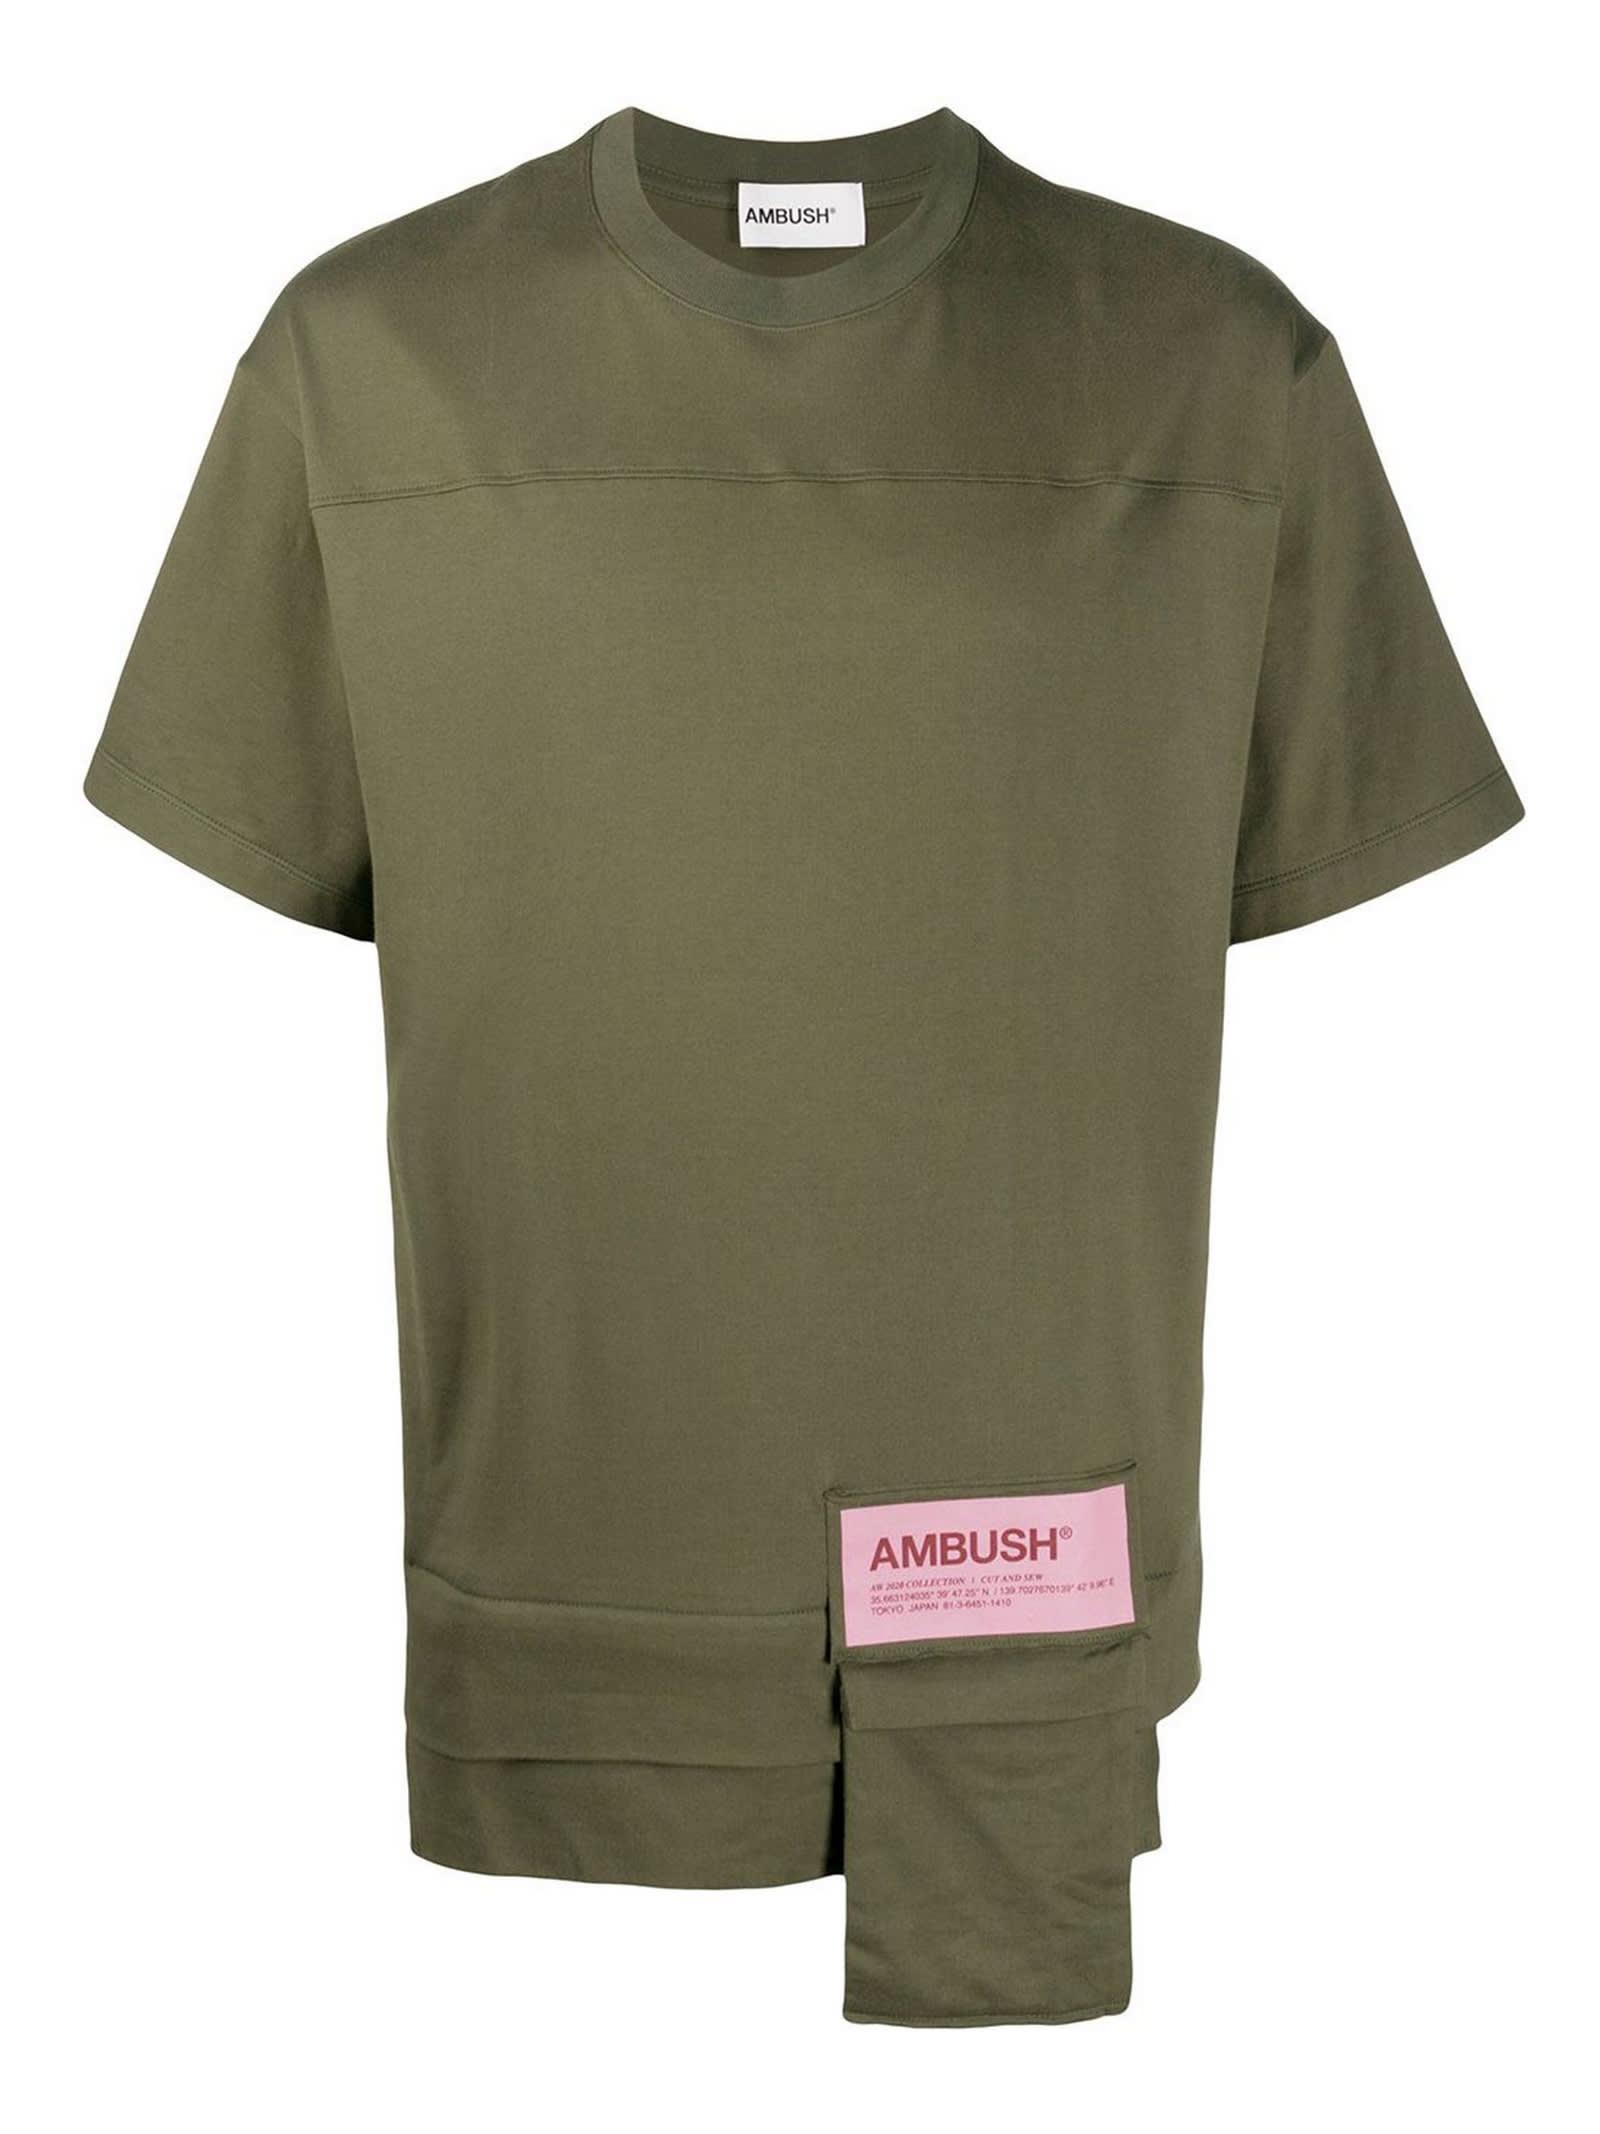 Ambush GREEN COTTON T-SHIRT